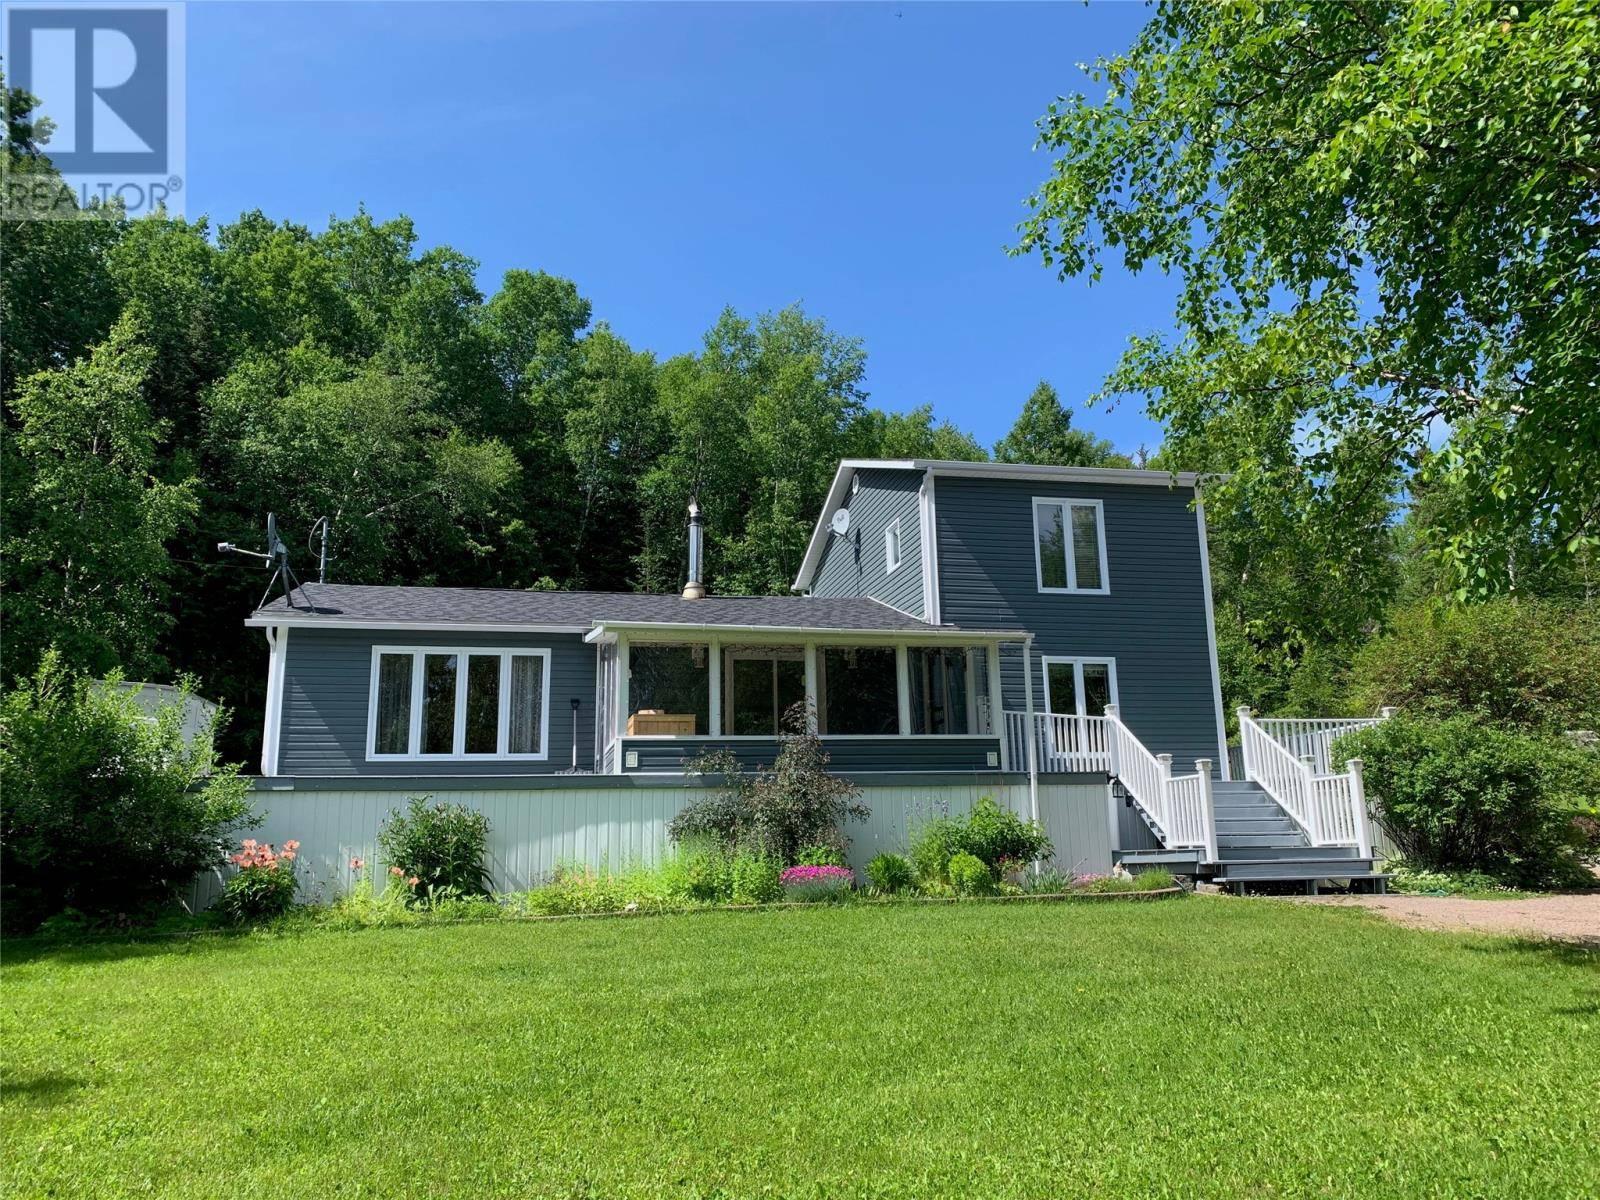 Home for sale at 68662 Crooked Lk Badger Newfoundland - MLS: 1193395